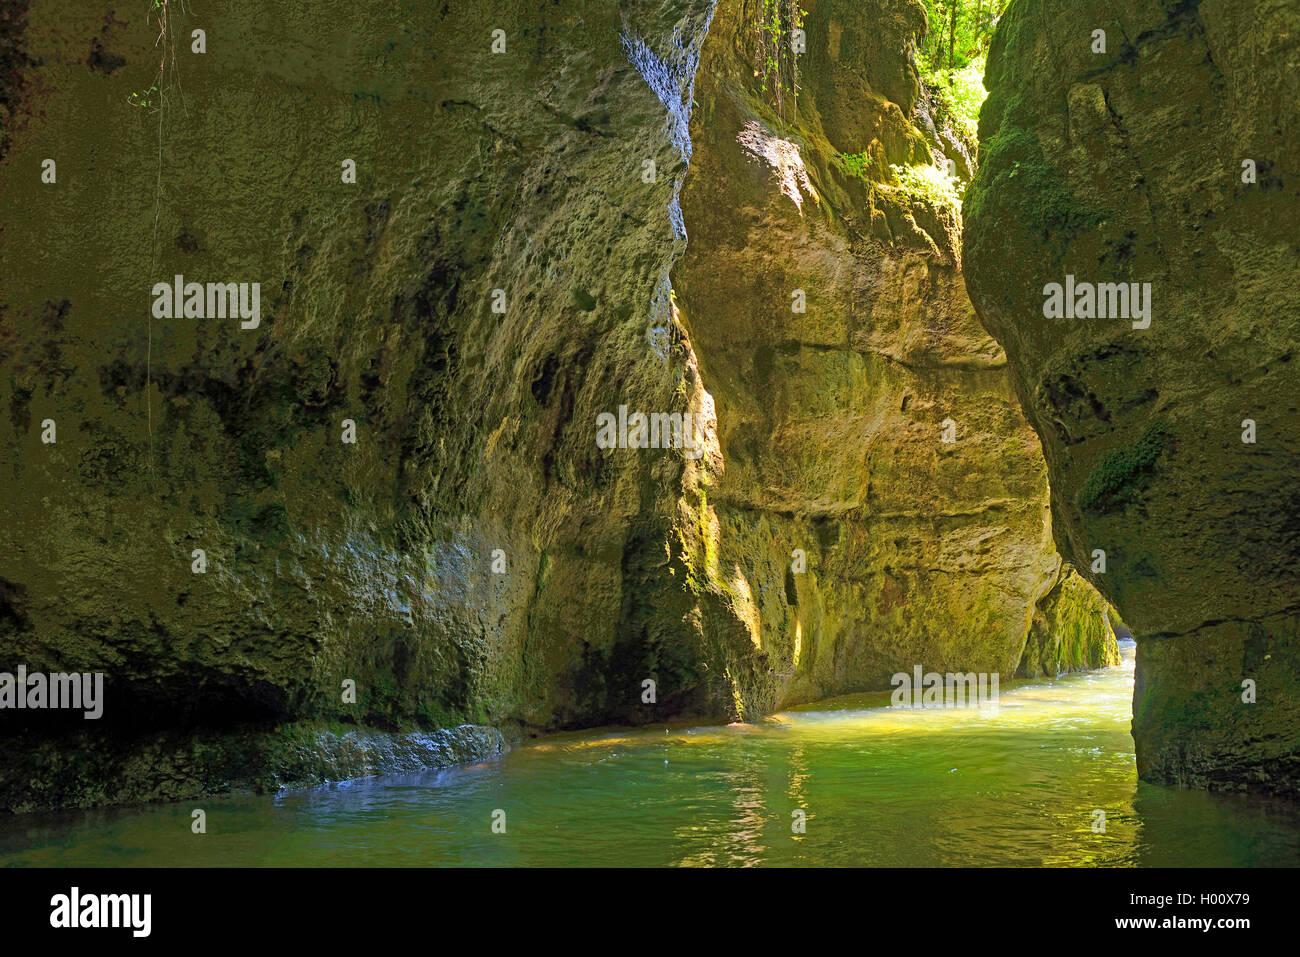 Cañón de Grands Goulets, Francia, Auvergne-Rh¶ne-Alpes, Parque Nacional de Vercors, Pont en Royans Foto de stock